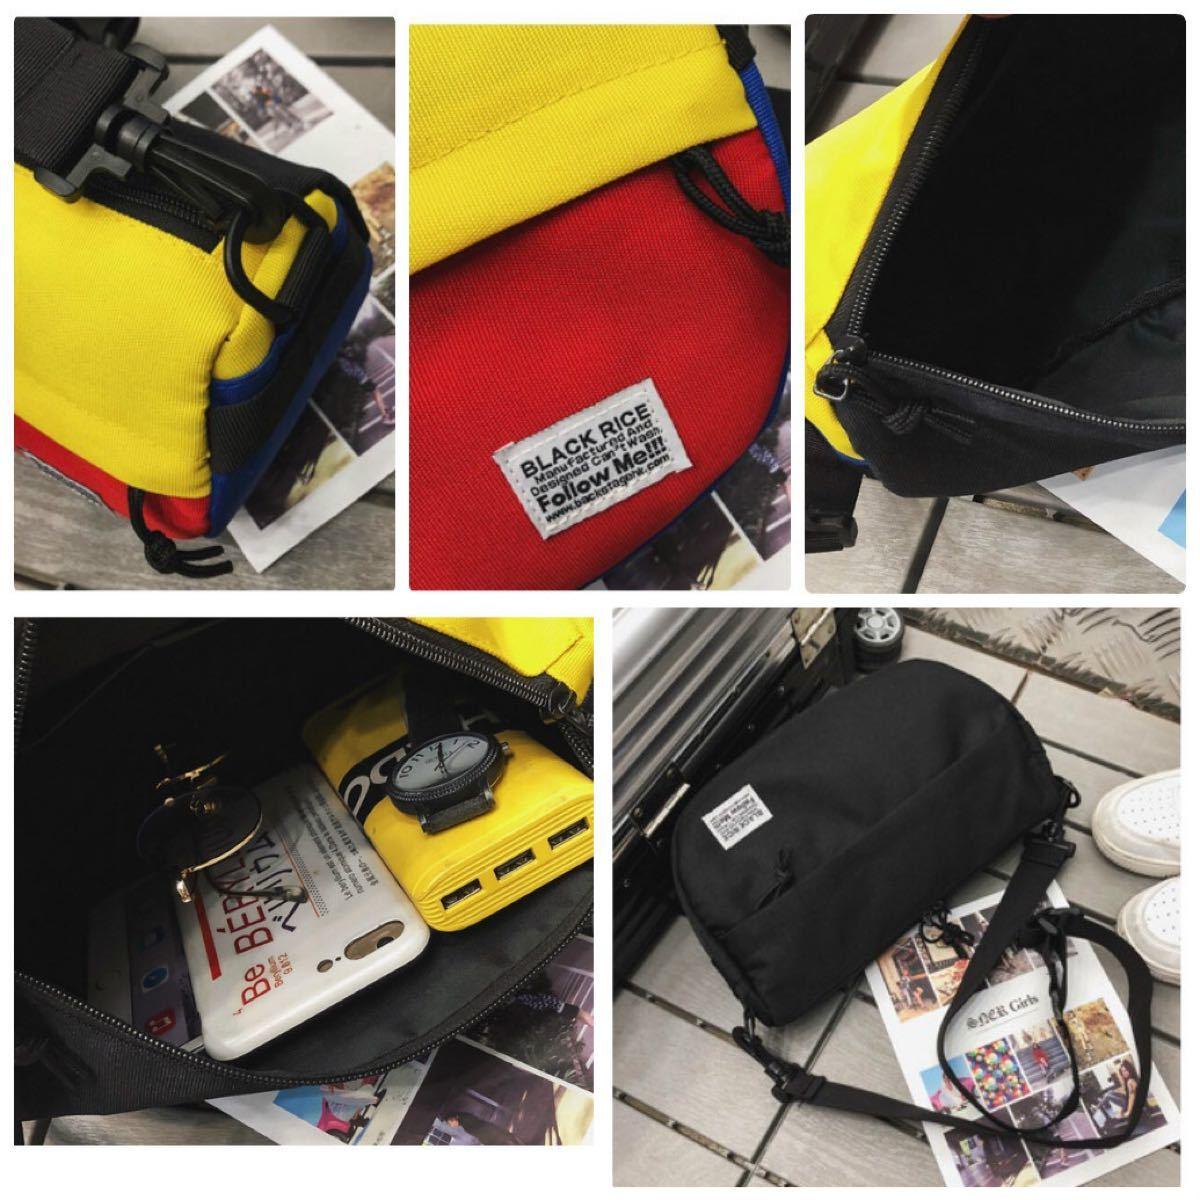 【メッセンジャーバッグ】ブラック 斜め掛け キャンバス カバン ショルダーバッグ ボディバッグ ウエストバッグ 黒 ウエストバッグ